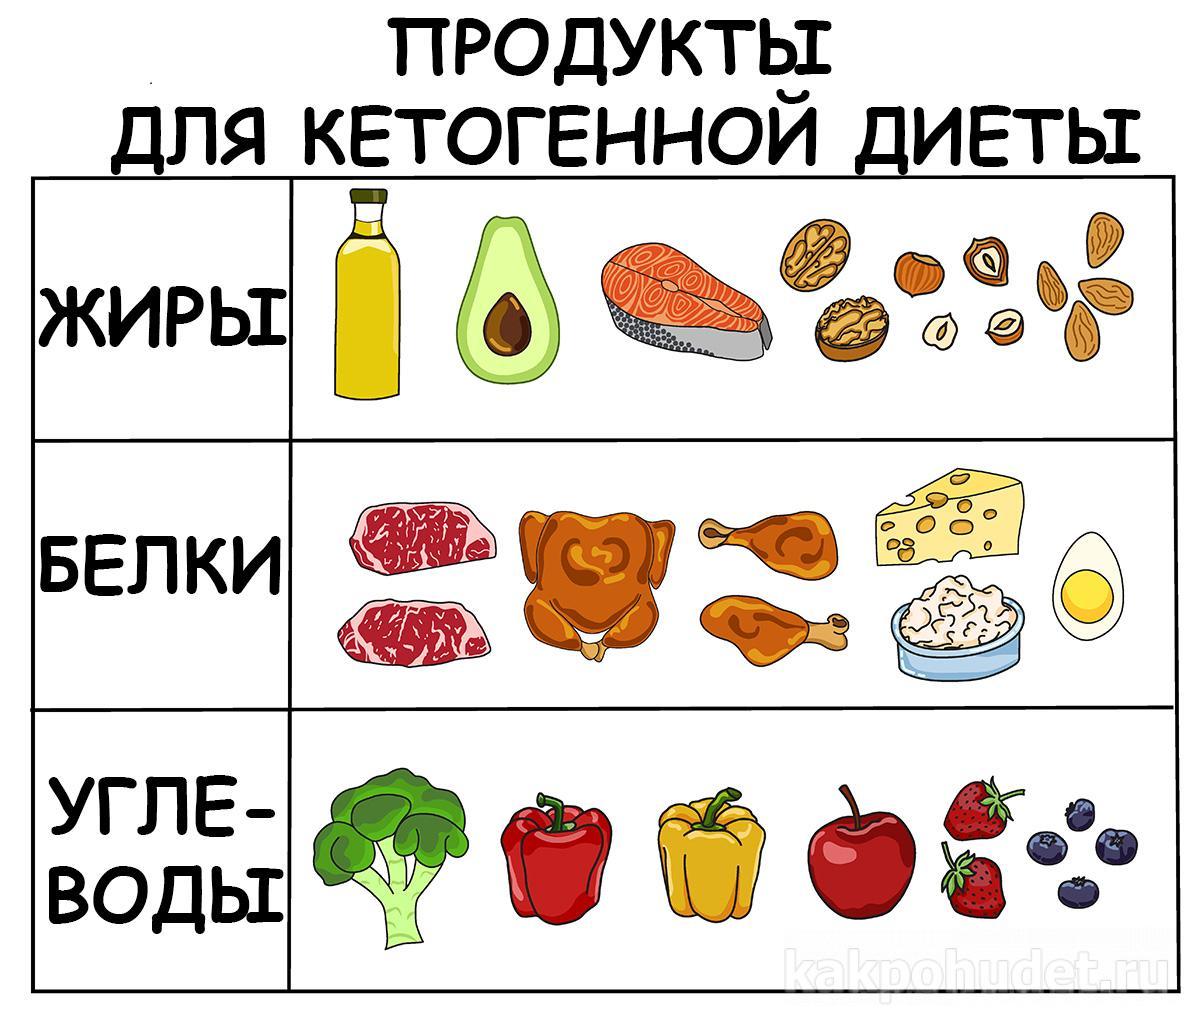 Продукты для кетогенной диеты